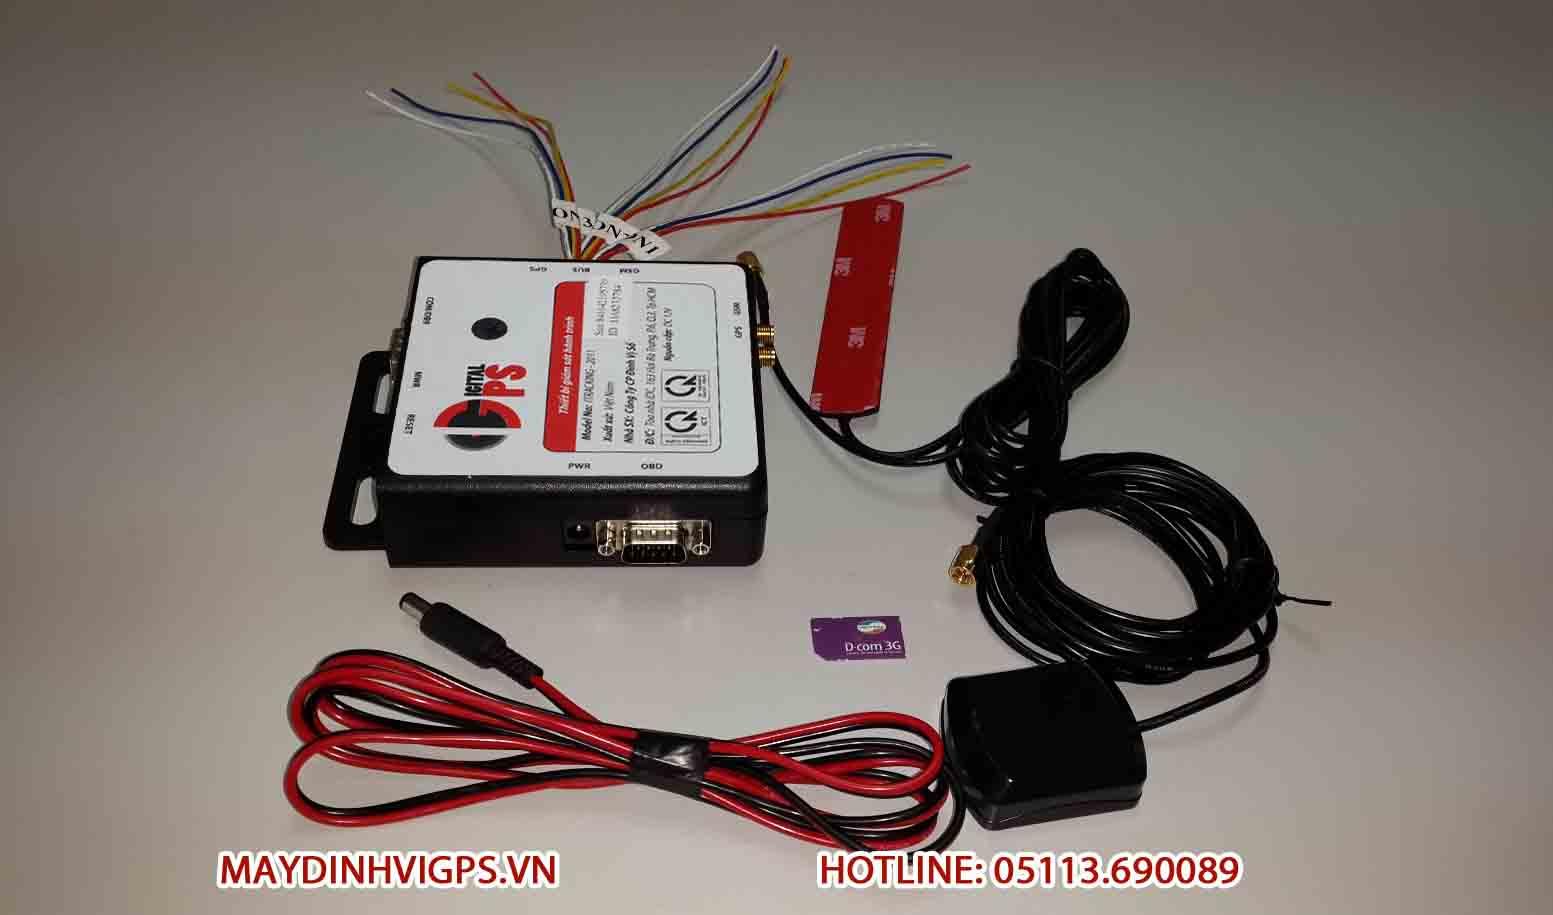 Thiết bị giám sát hành trình ô tô iTracking 2011